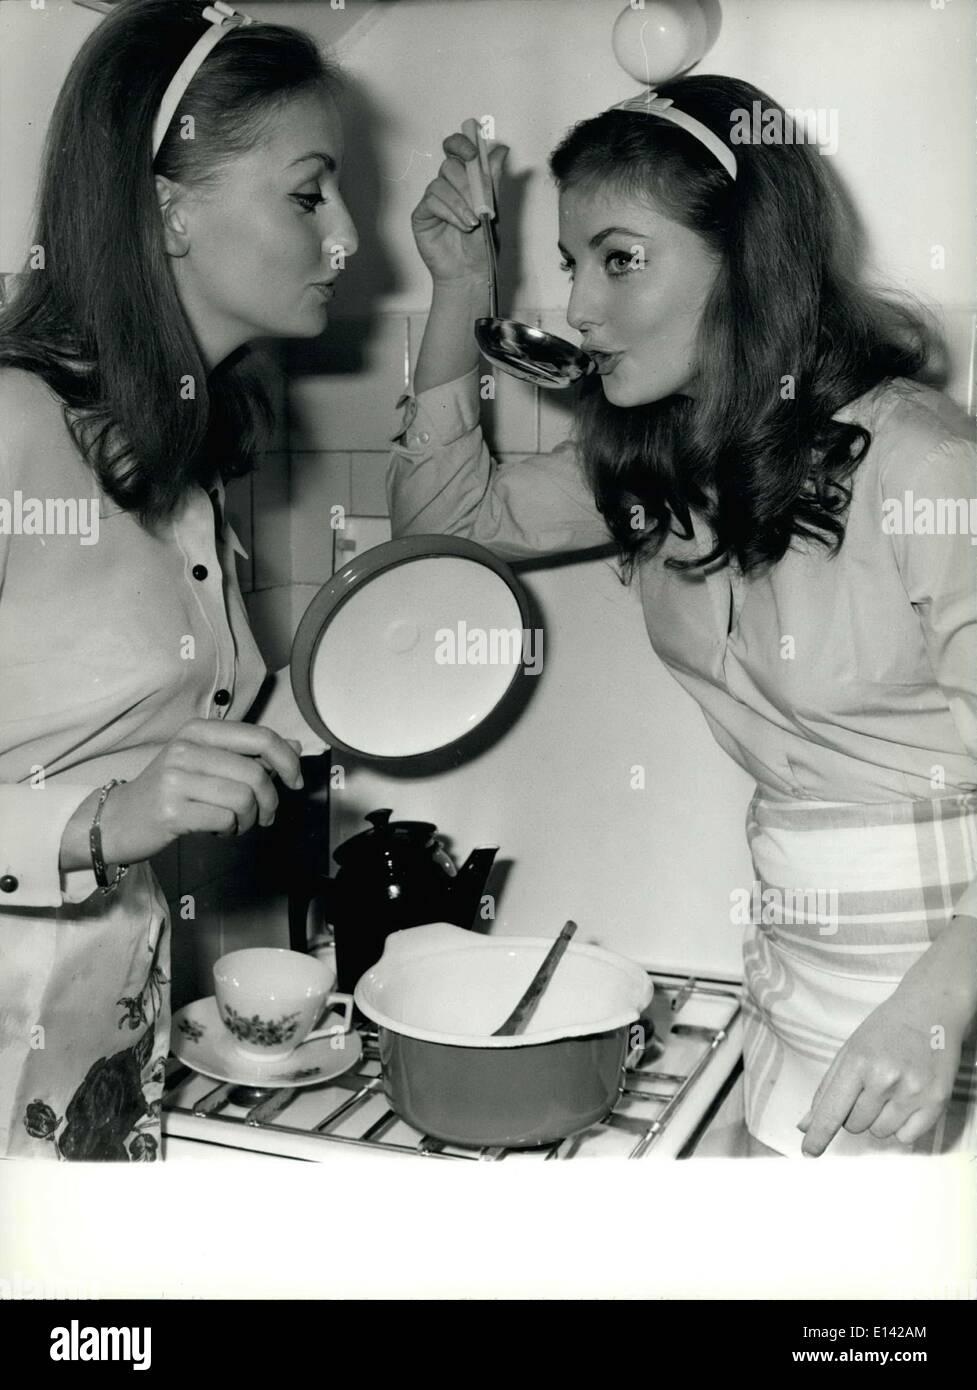 31 mars 2012 - Mia et Pia Gemberg les jumeaux les plus célèbres de Rome: l'Allemand des jumeaux Mia et Pia Gemberg qui habitent à Rome déjà depuis de nombreuses années sont devenus l'animal-jumeaux d'acteurs étrangers colonie et qui vivent dans notre ville. Ils ont déjà joué ensemble dans plusieurs films et ont maintenant été demandé par les producteurs américains. Blond, grand, yeux bleus et de beaux chiffres sont vraiment comme deux gouttes d'eau, même dans leurs préférences et caractères. Comme les deux hommes cheveux foncé et leur acteur préféré est William Holden. Est-ce que M. Holden être embarrassés pour choisir entre les deux? Photo Stock